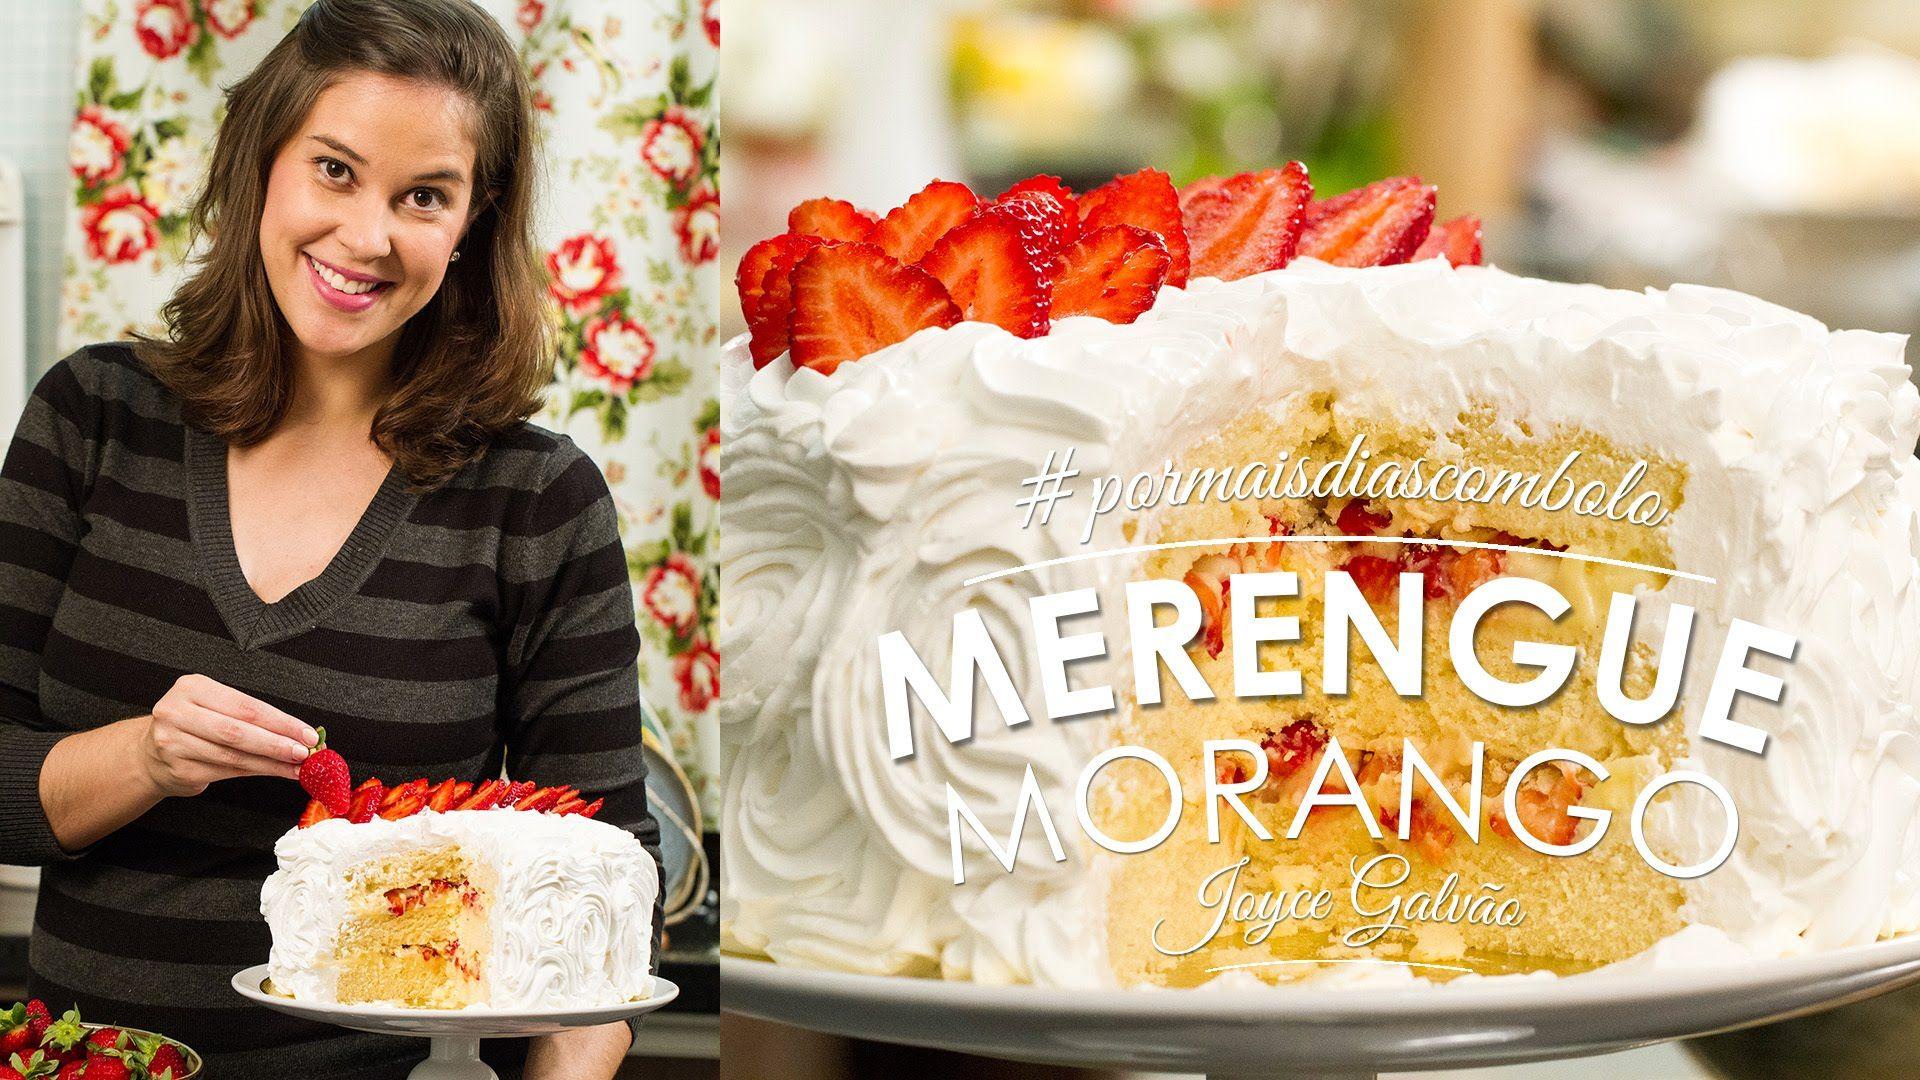 Bolo Merengue de Morango | Essência 03 #pormaisdiascombolo